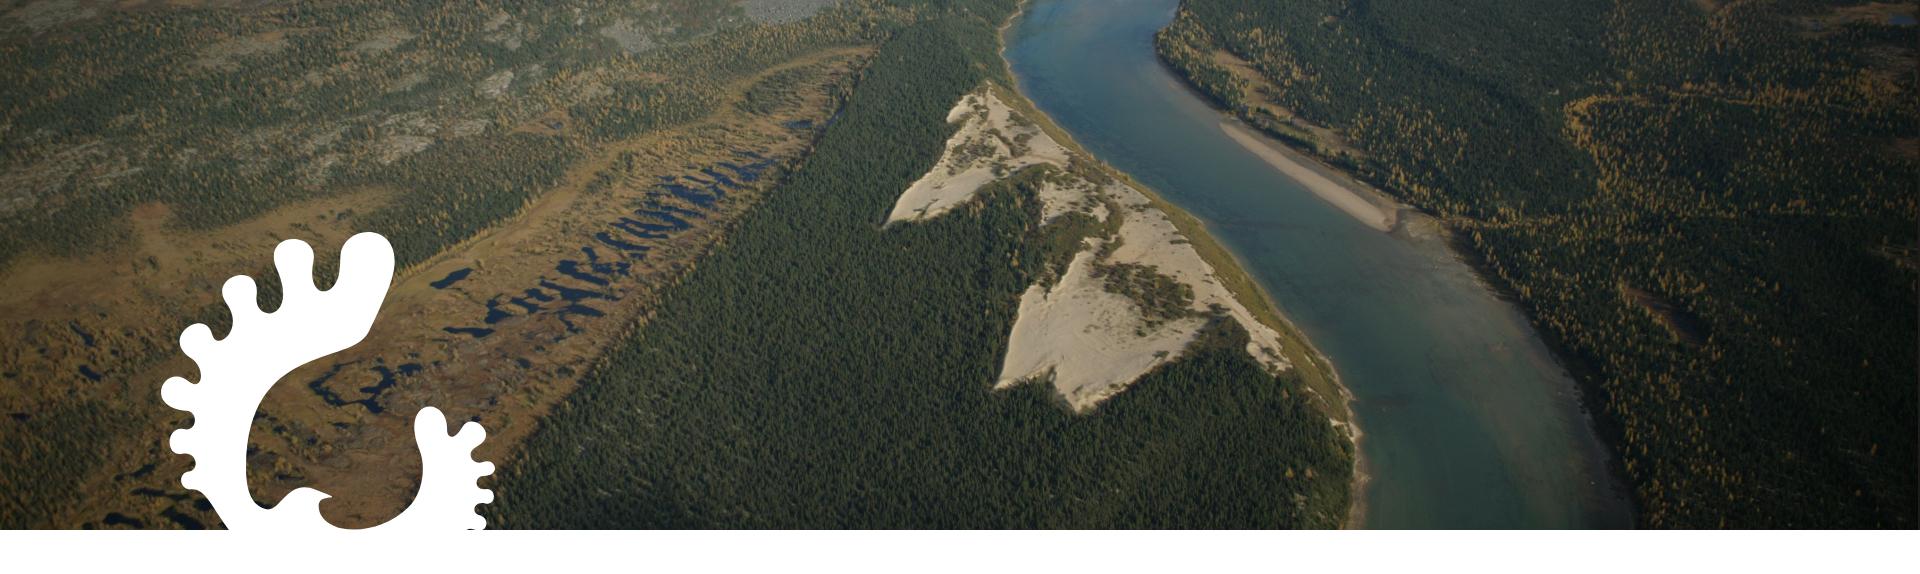 Projet d'évaluation et de restauration de sites de camps de pourvoirie permanents abandonnés dans le bassin versant de la rivière Caniapiscau